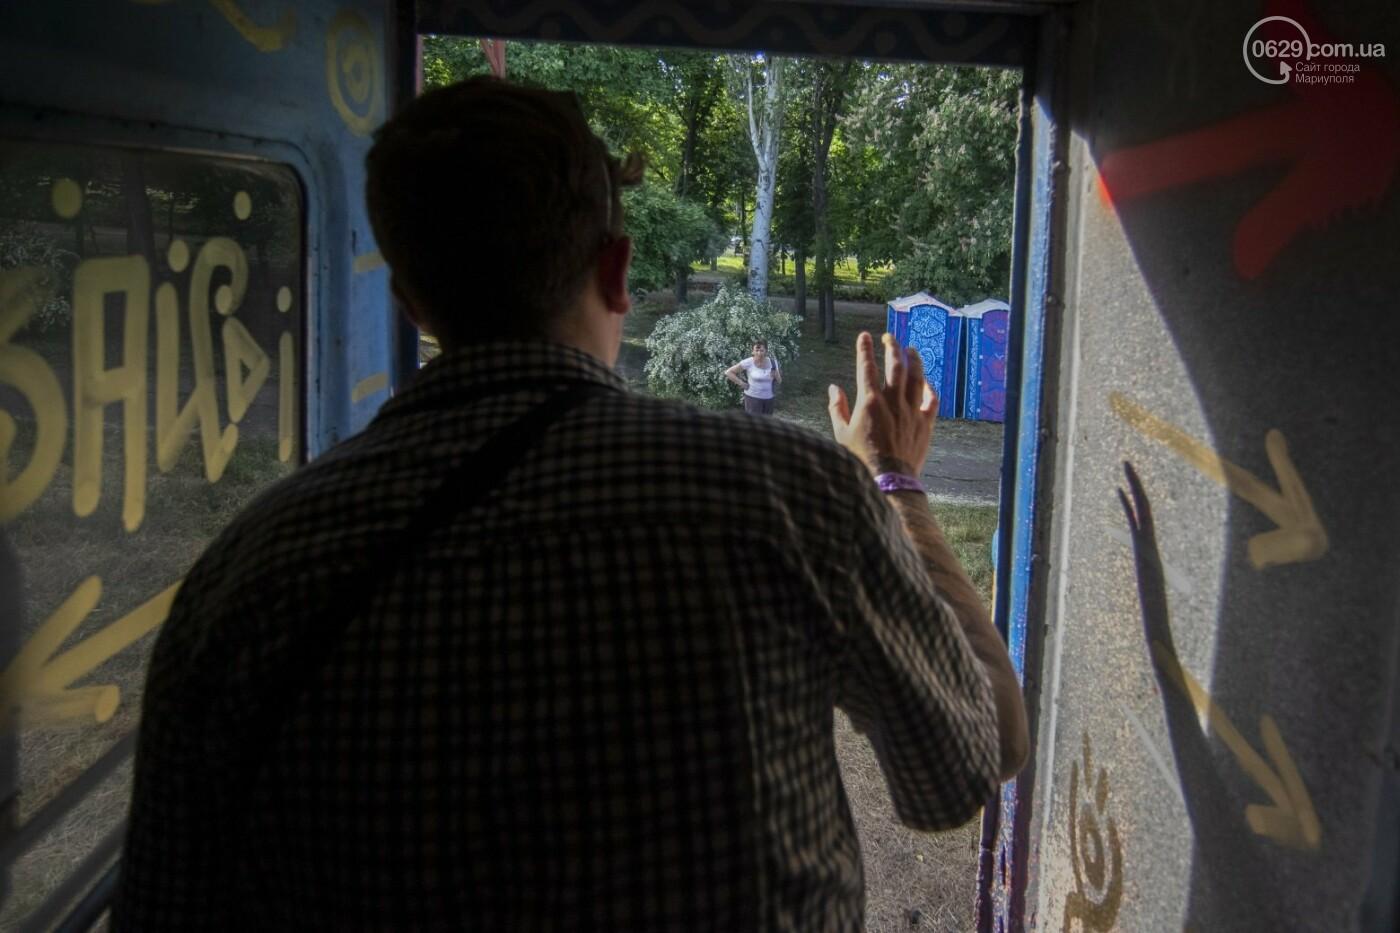 Во что превратили художники старый железнодорожный состав в Мариуполе. 33 фотографии! , фото-28